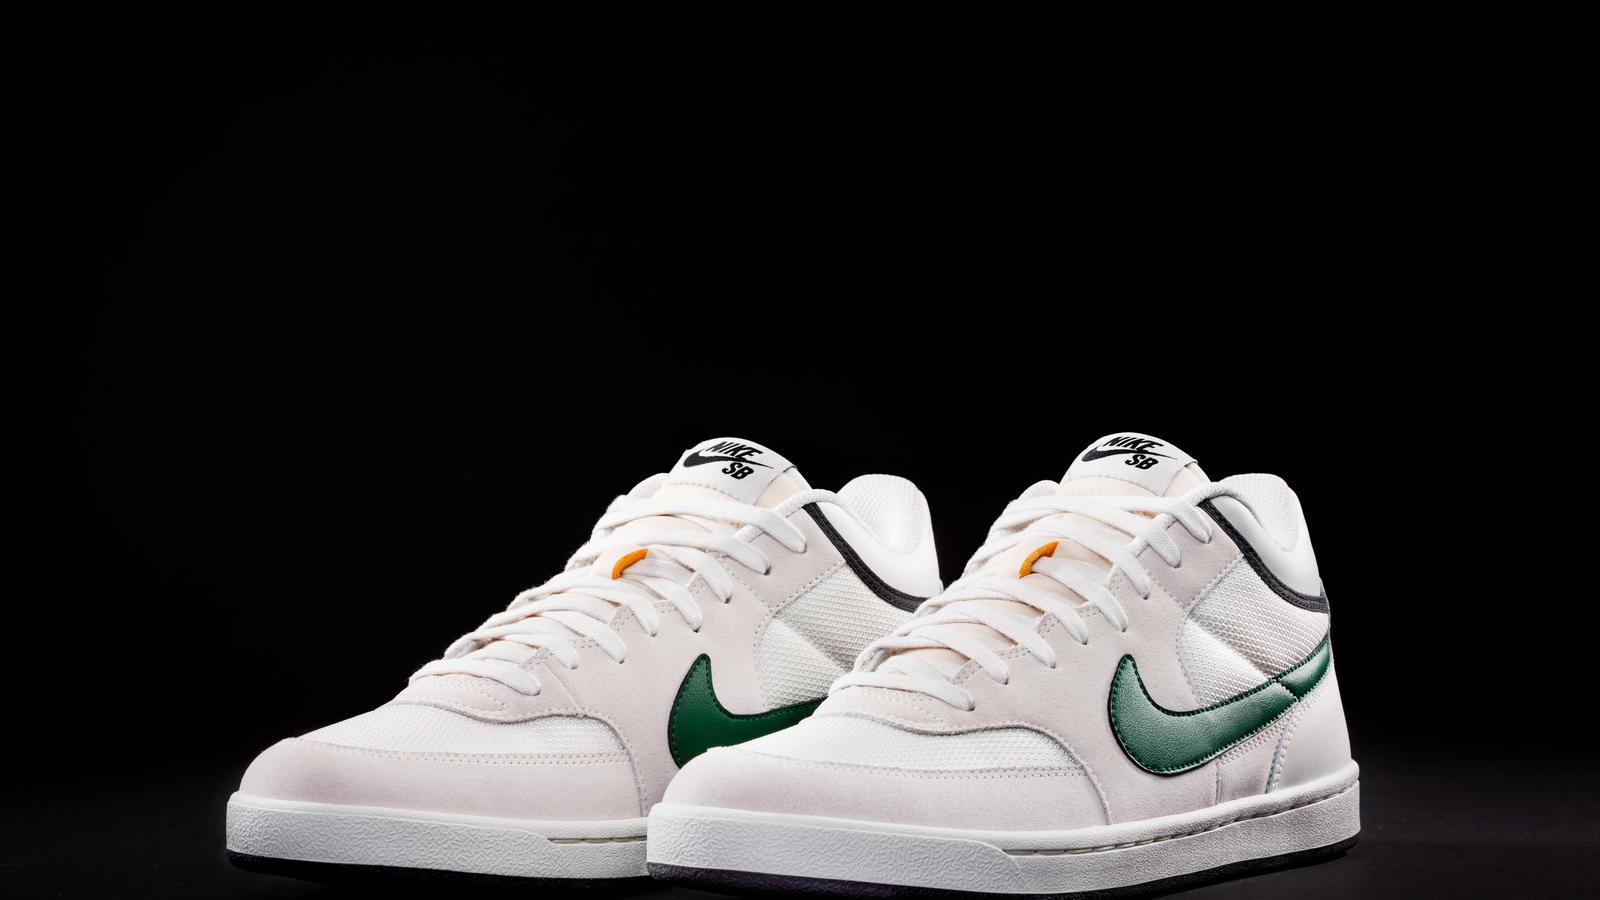 como encontrar compra genuina el precio más bajo Gino Iannucci and John McEnroe debut the Nike SB Challenge Court ...